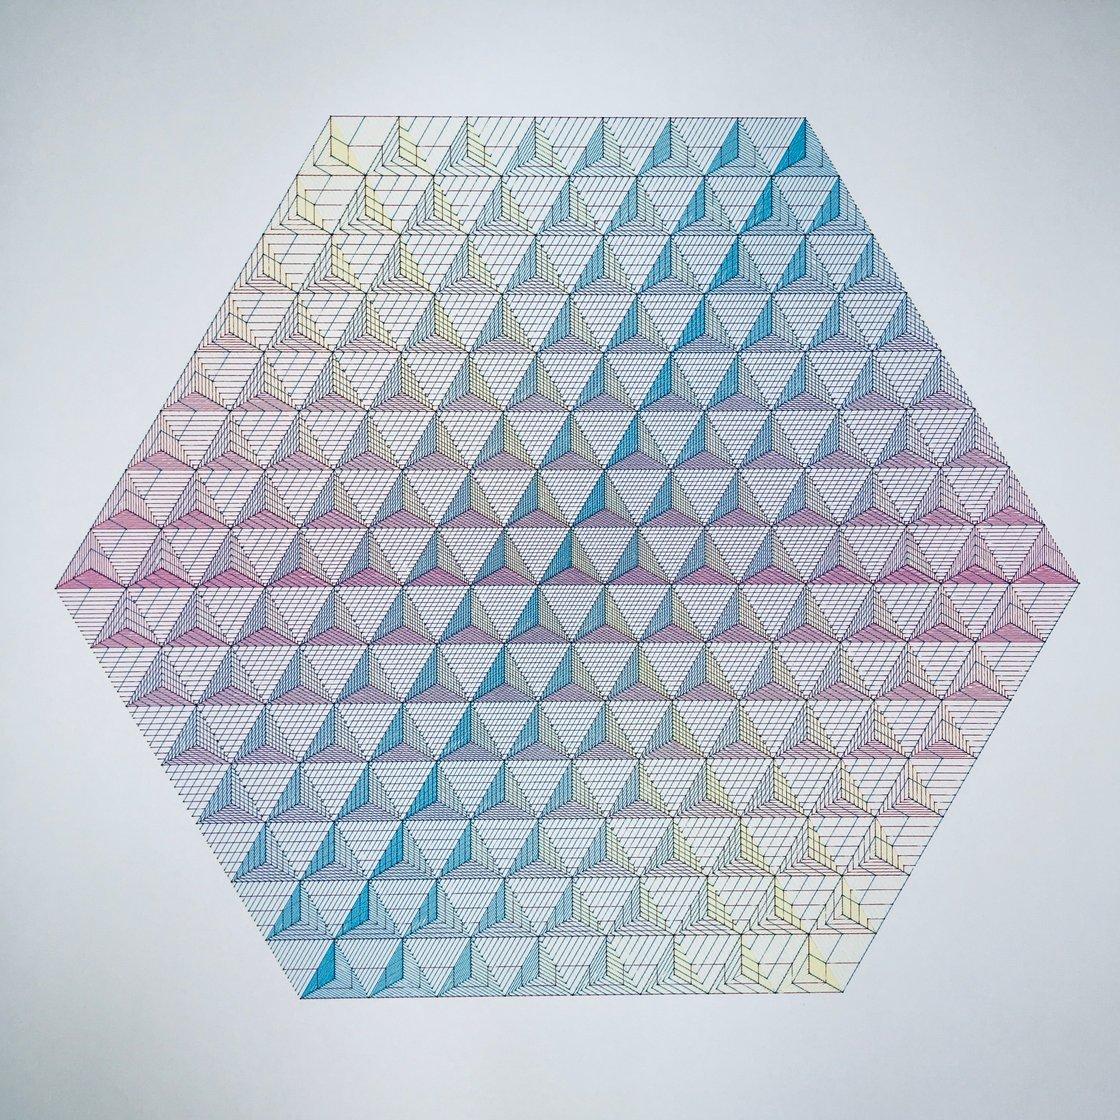 Image of CMY Tetrahedron